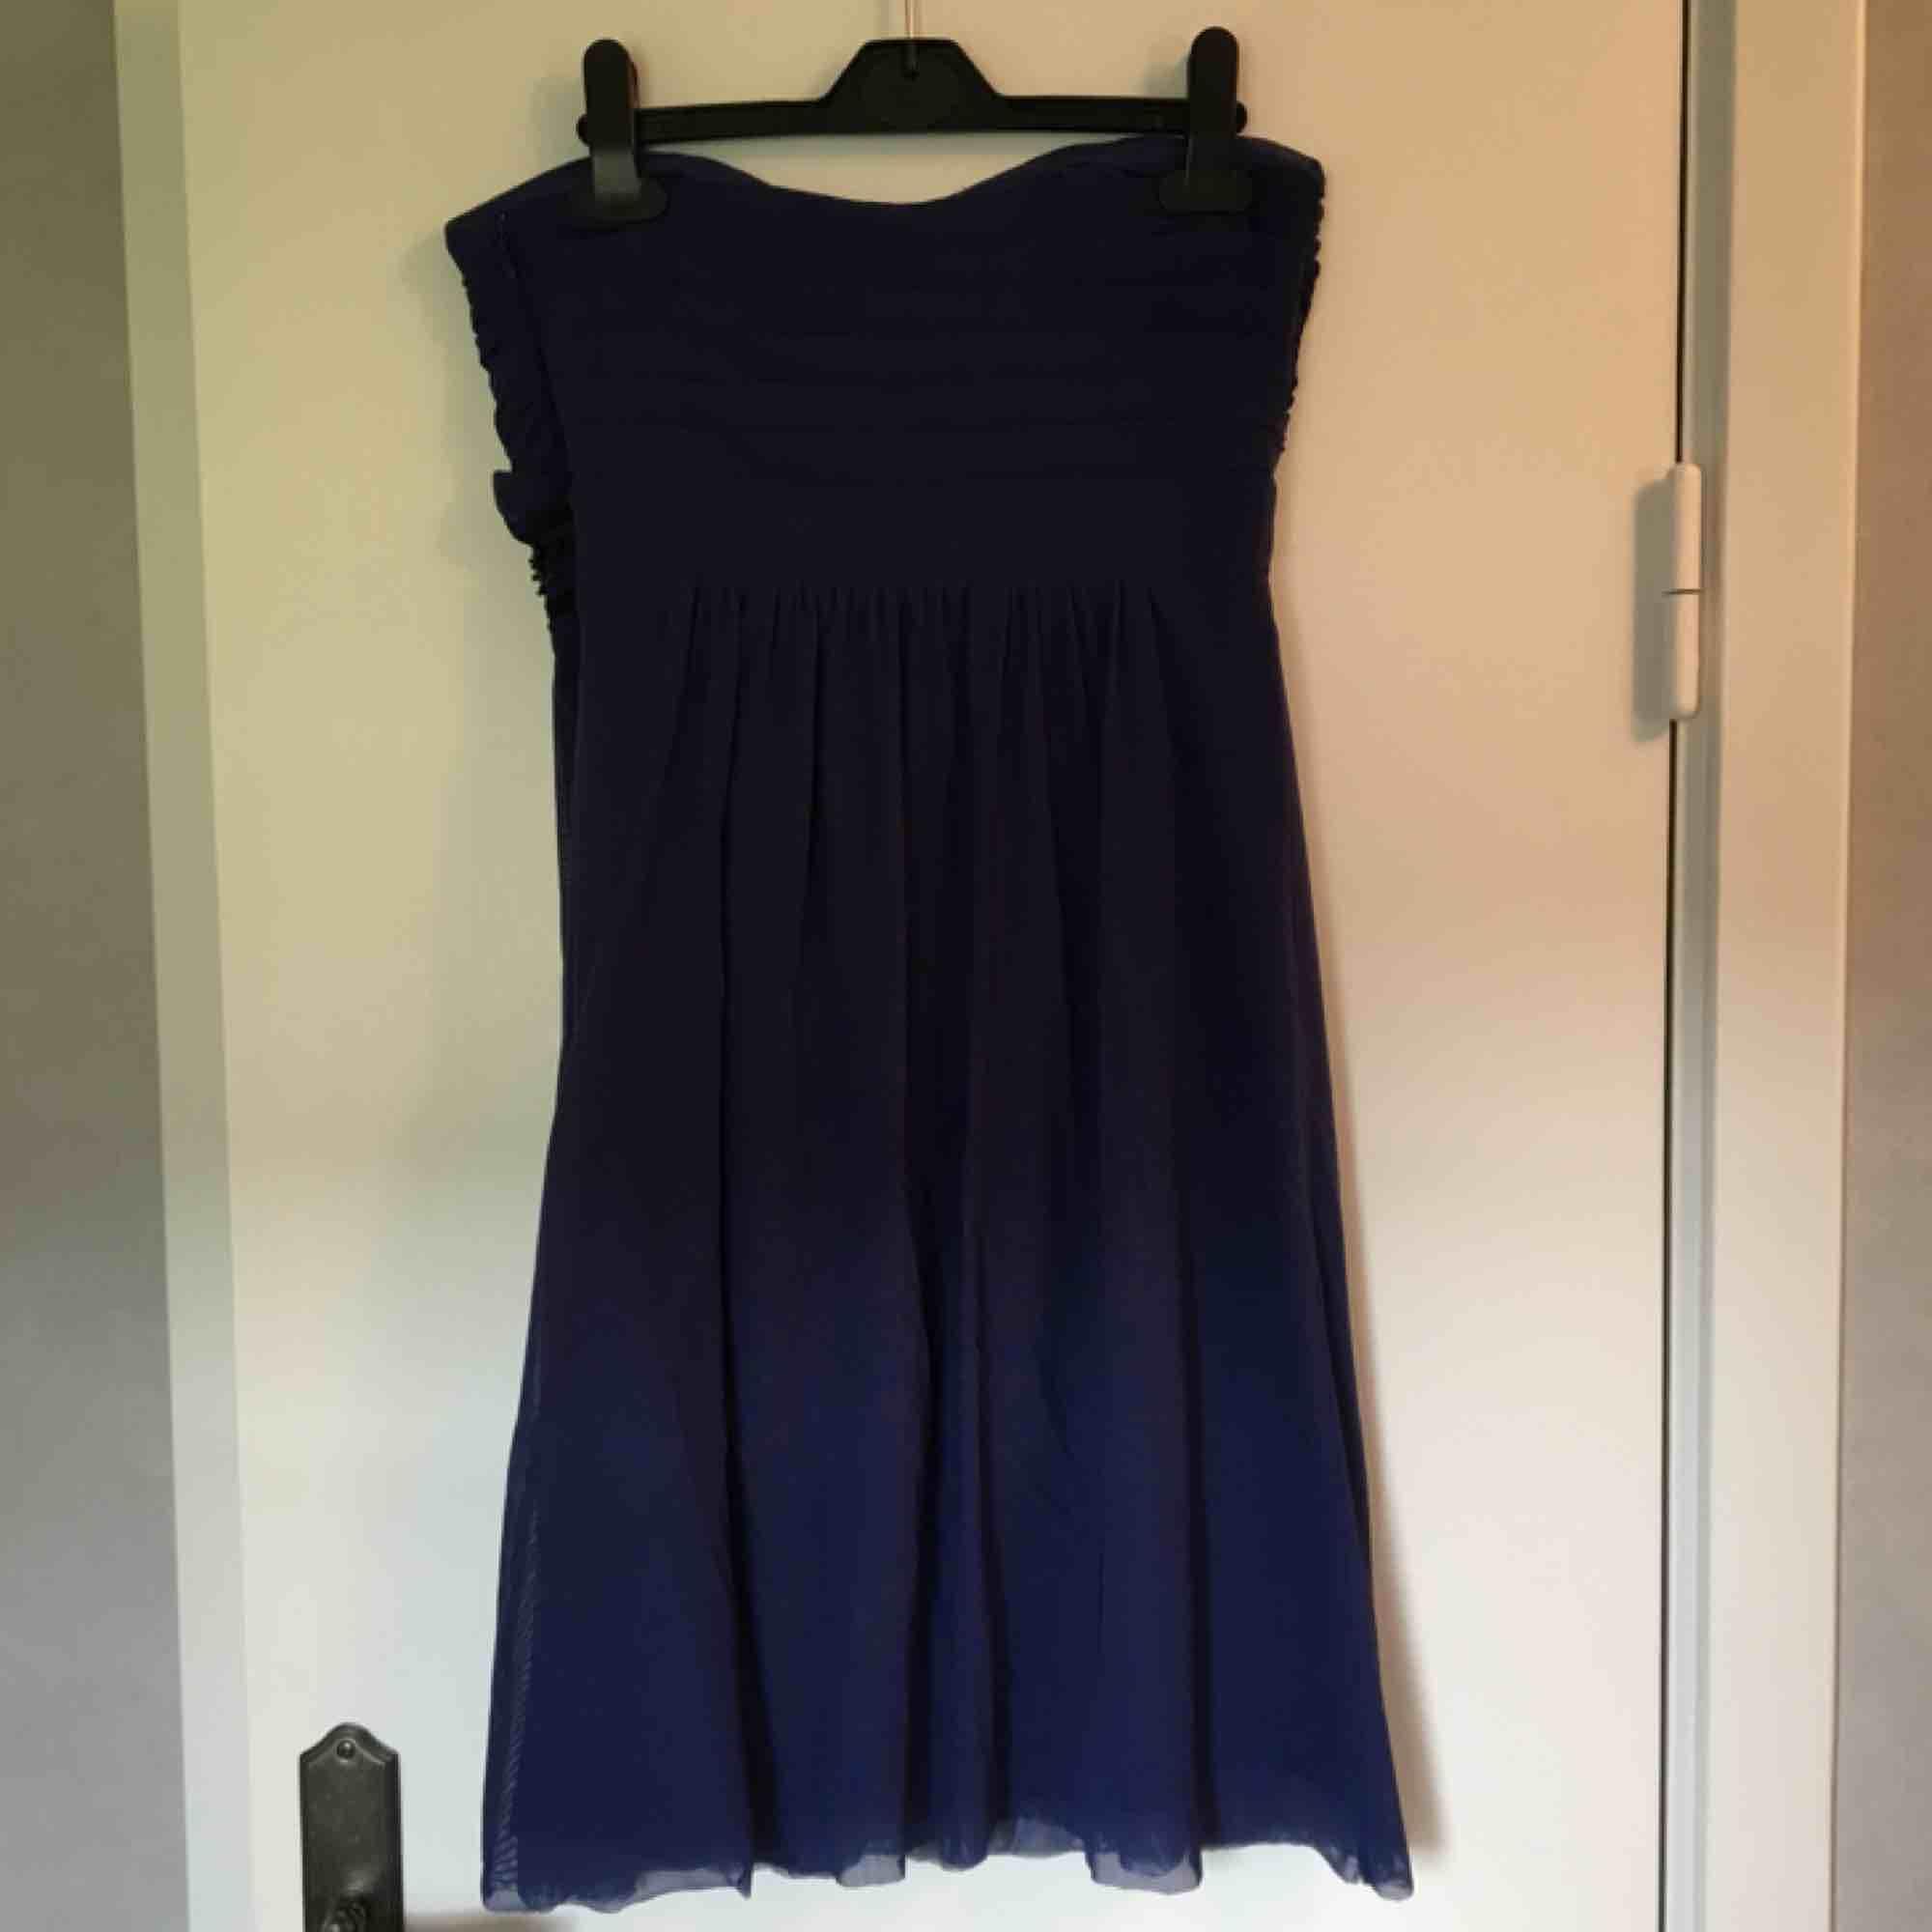 Mörkblå klänning med svarta detaljer. Smala axelband medföljer. Storlek saknas men gissningsvis S. Väldigt bra skick. Använd fåtal gånger. Köparen betalar frakten. Klänningar.